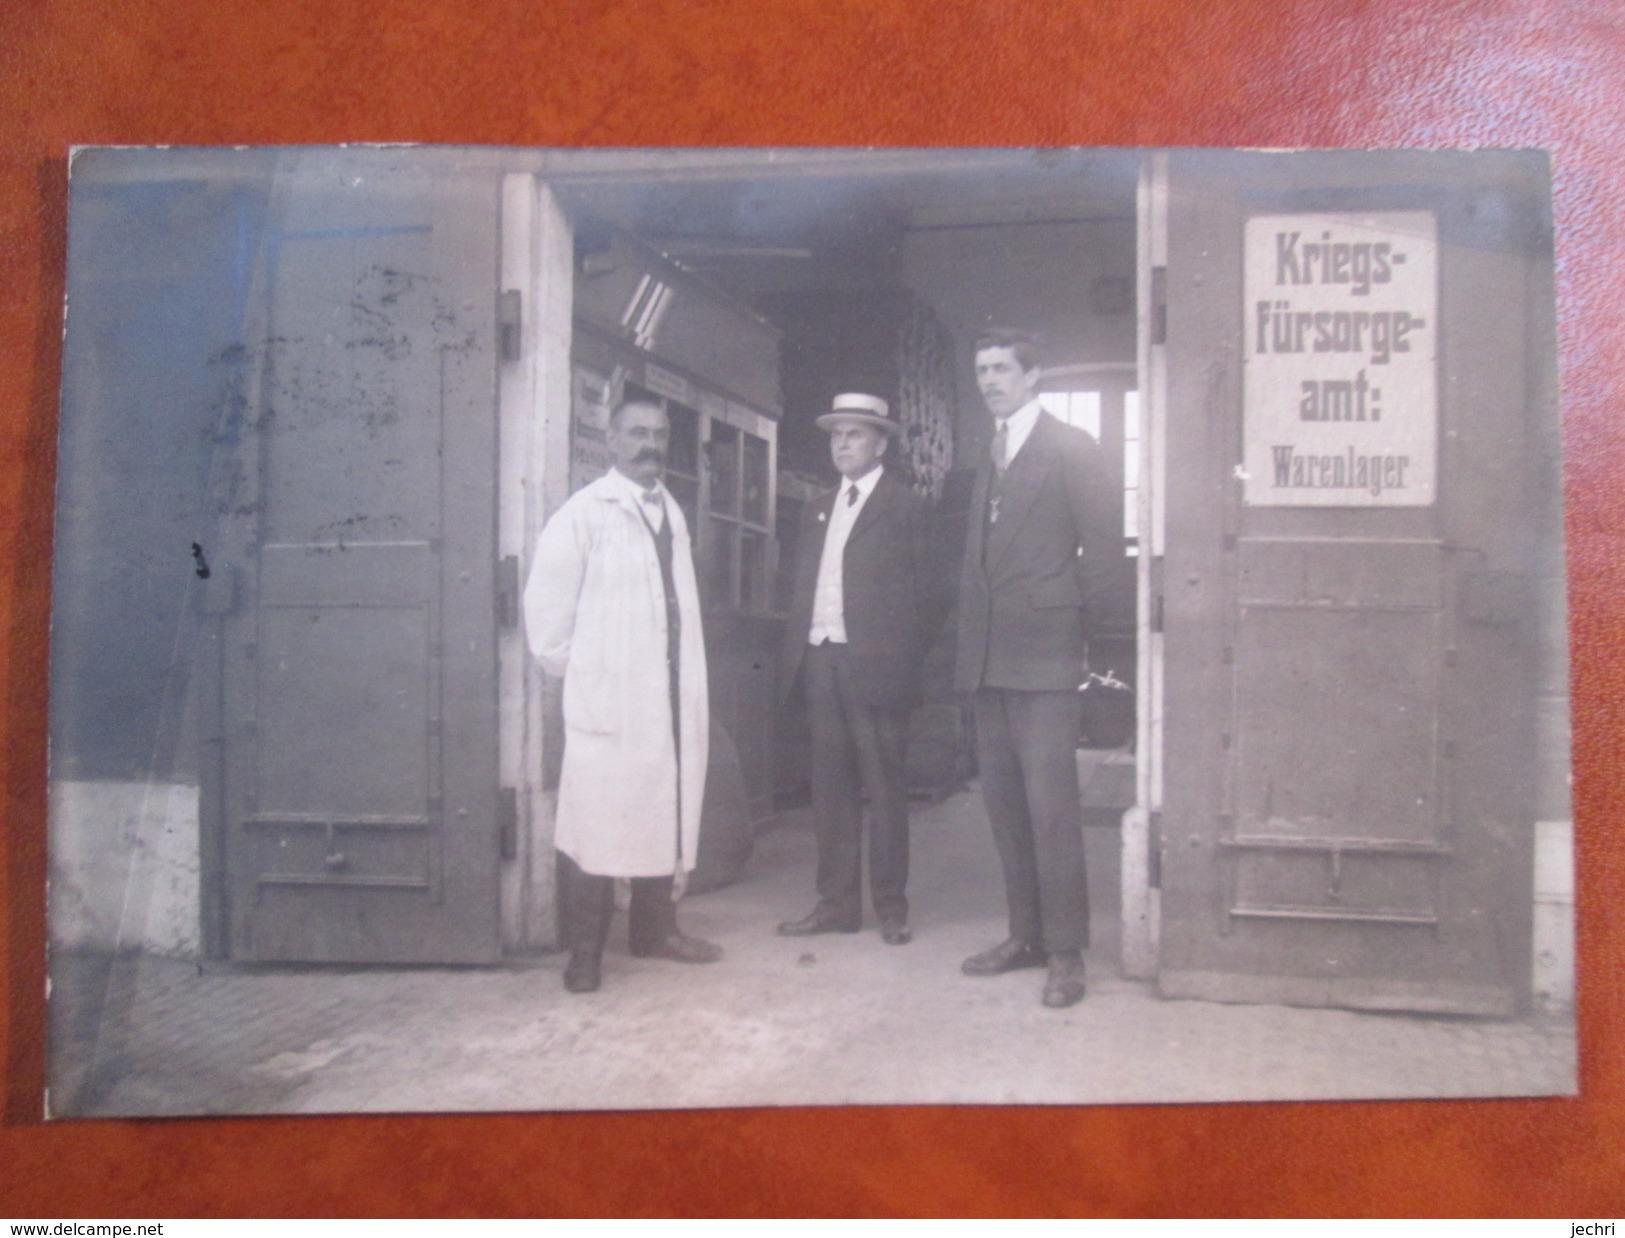 CARTE PHOTO . KRIEGS FURSORGE AMT .WARENLAGER - BS Bâle-Ville